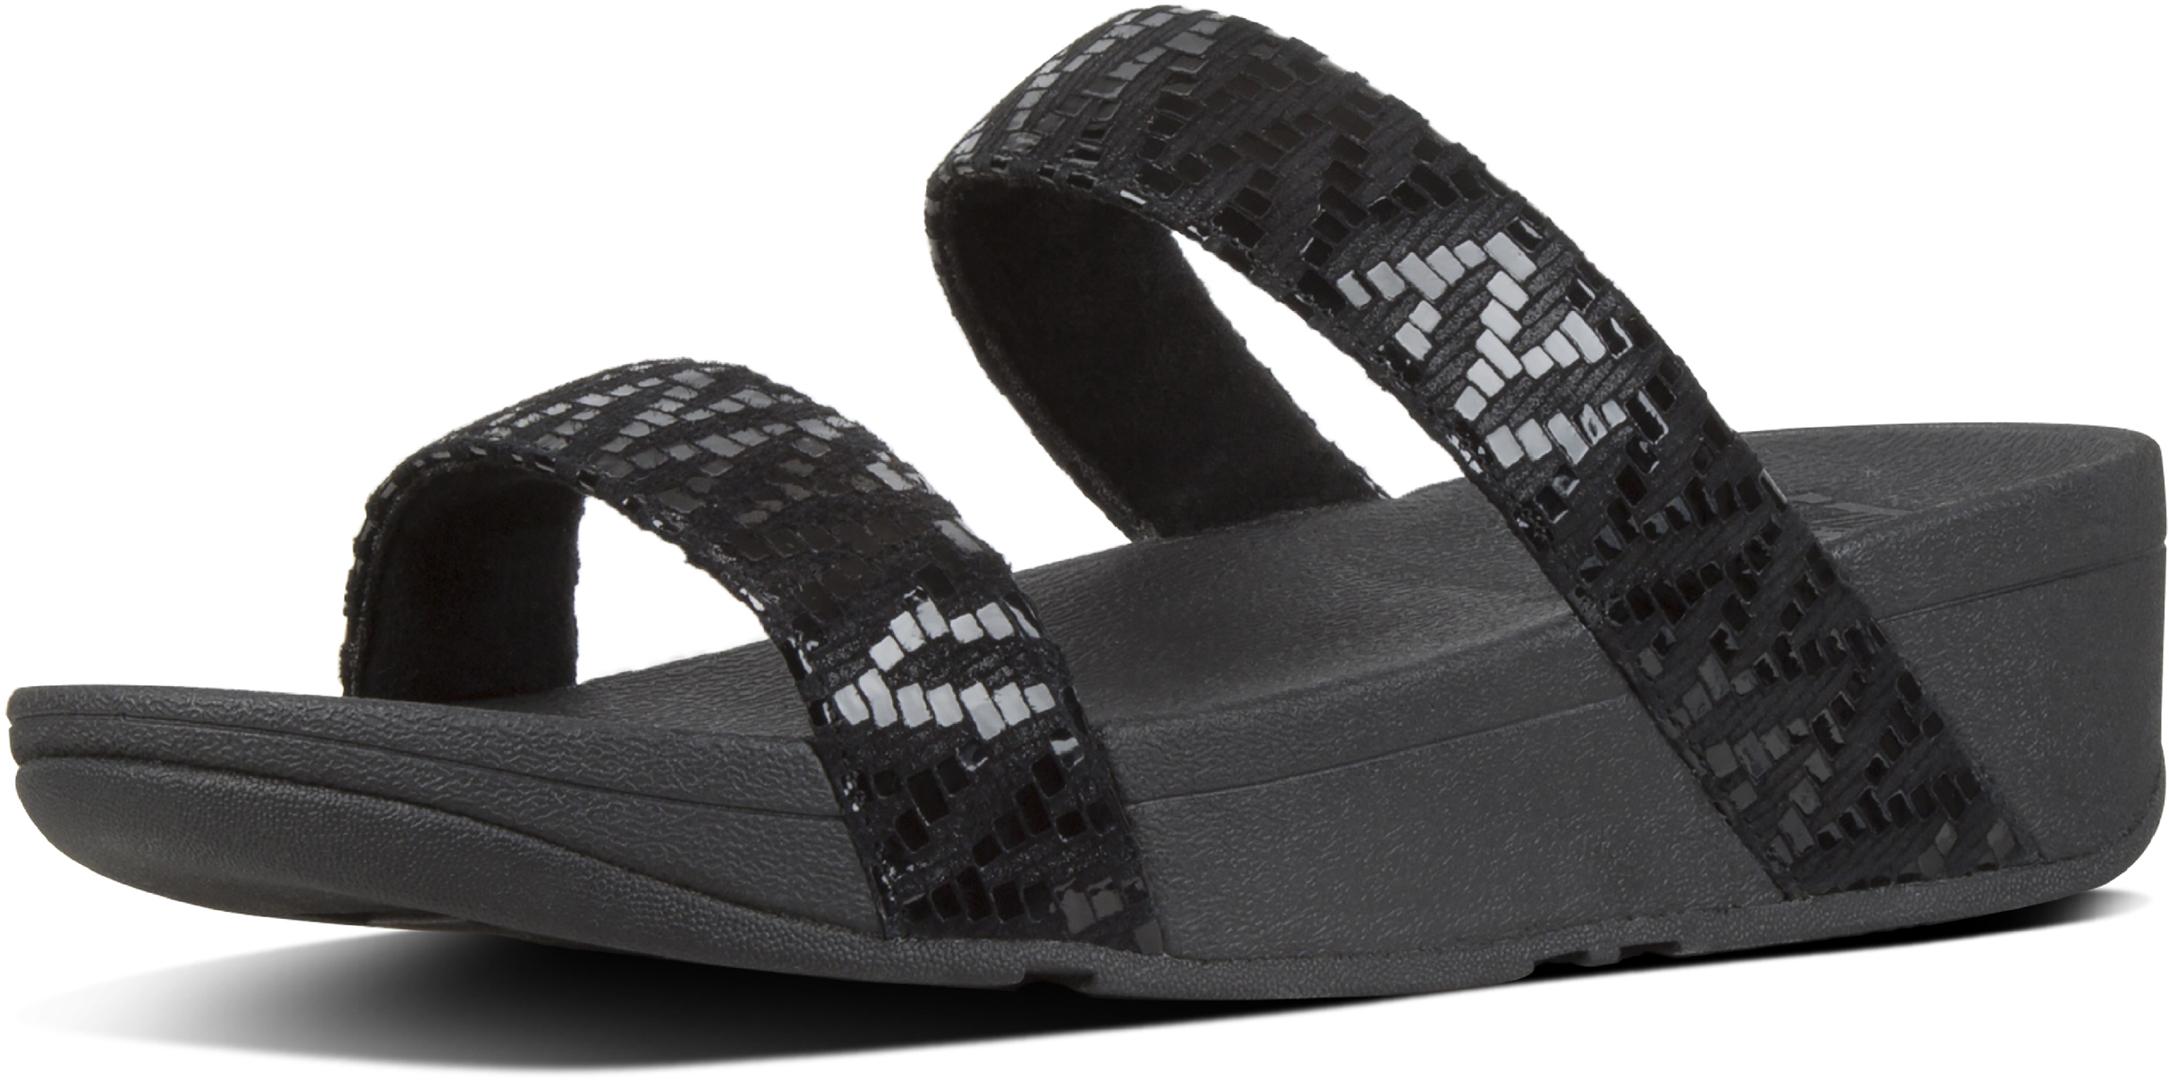 129efe840994 Fitflop LOTTIE CHEVRON SLIDE Sandal 2019 black